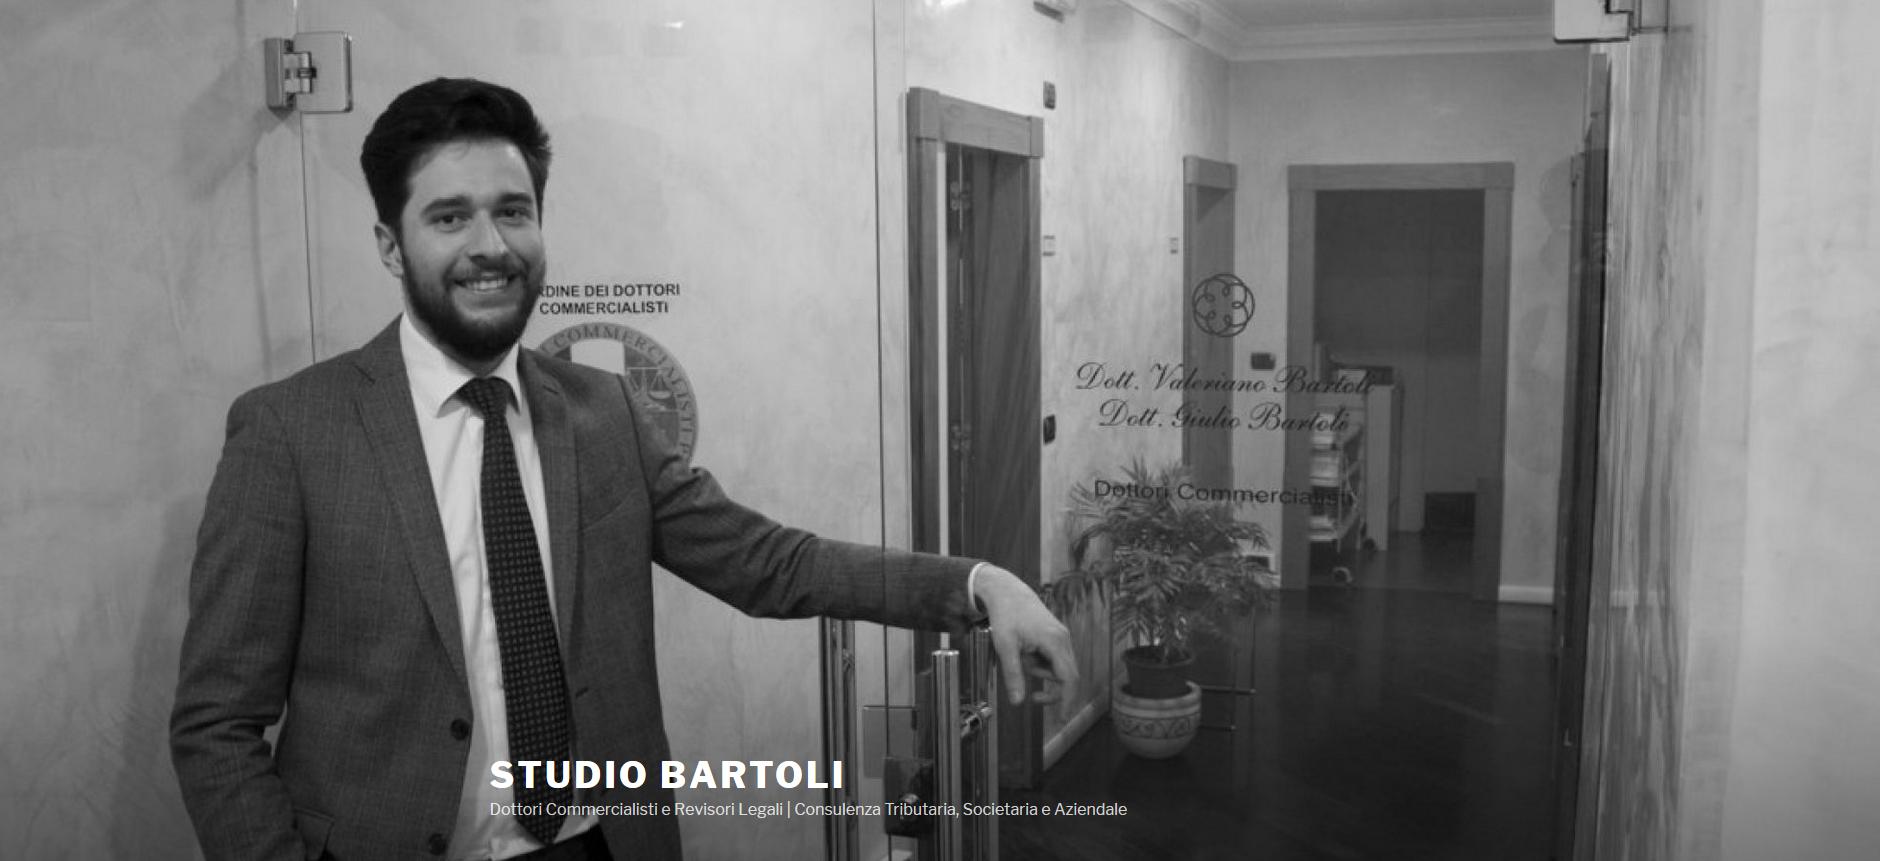 Studio Bartoli